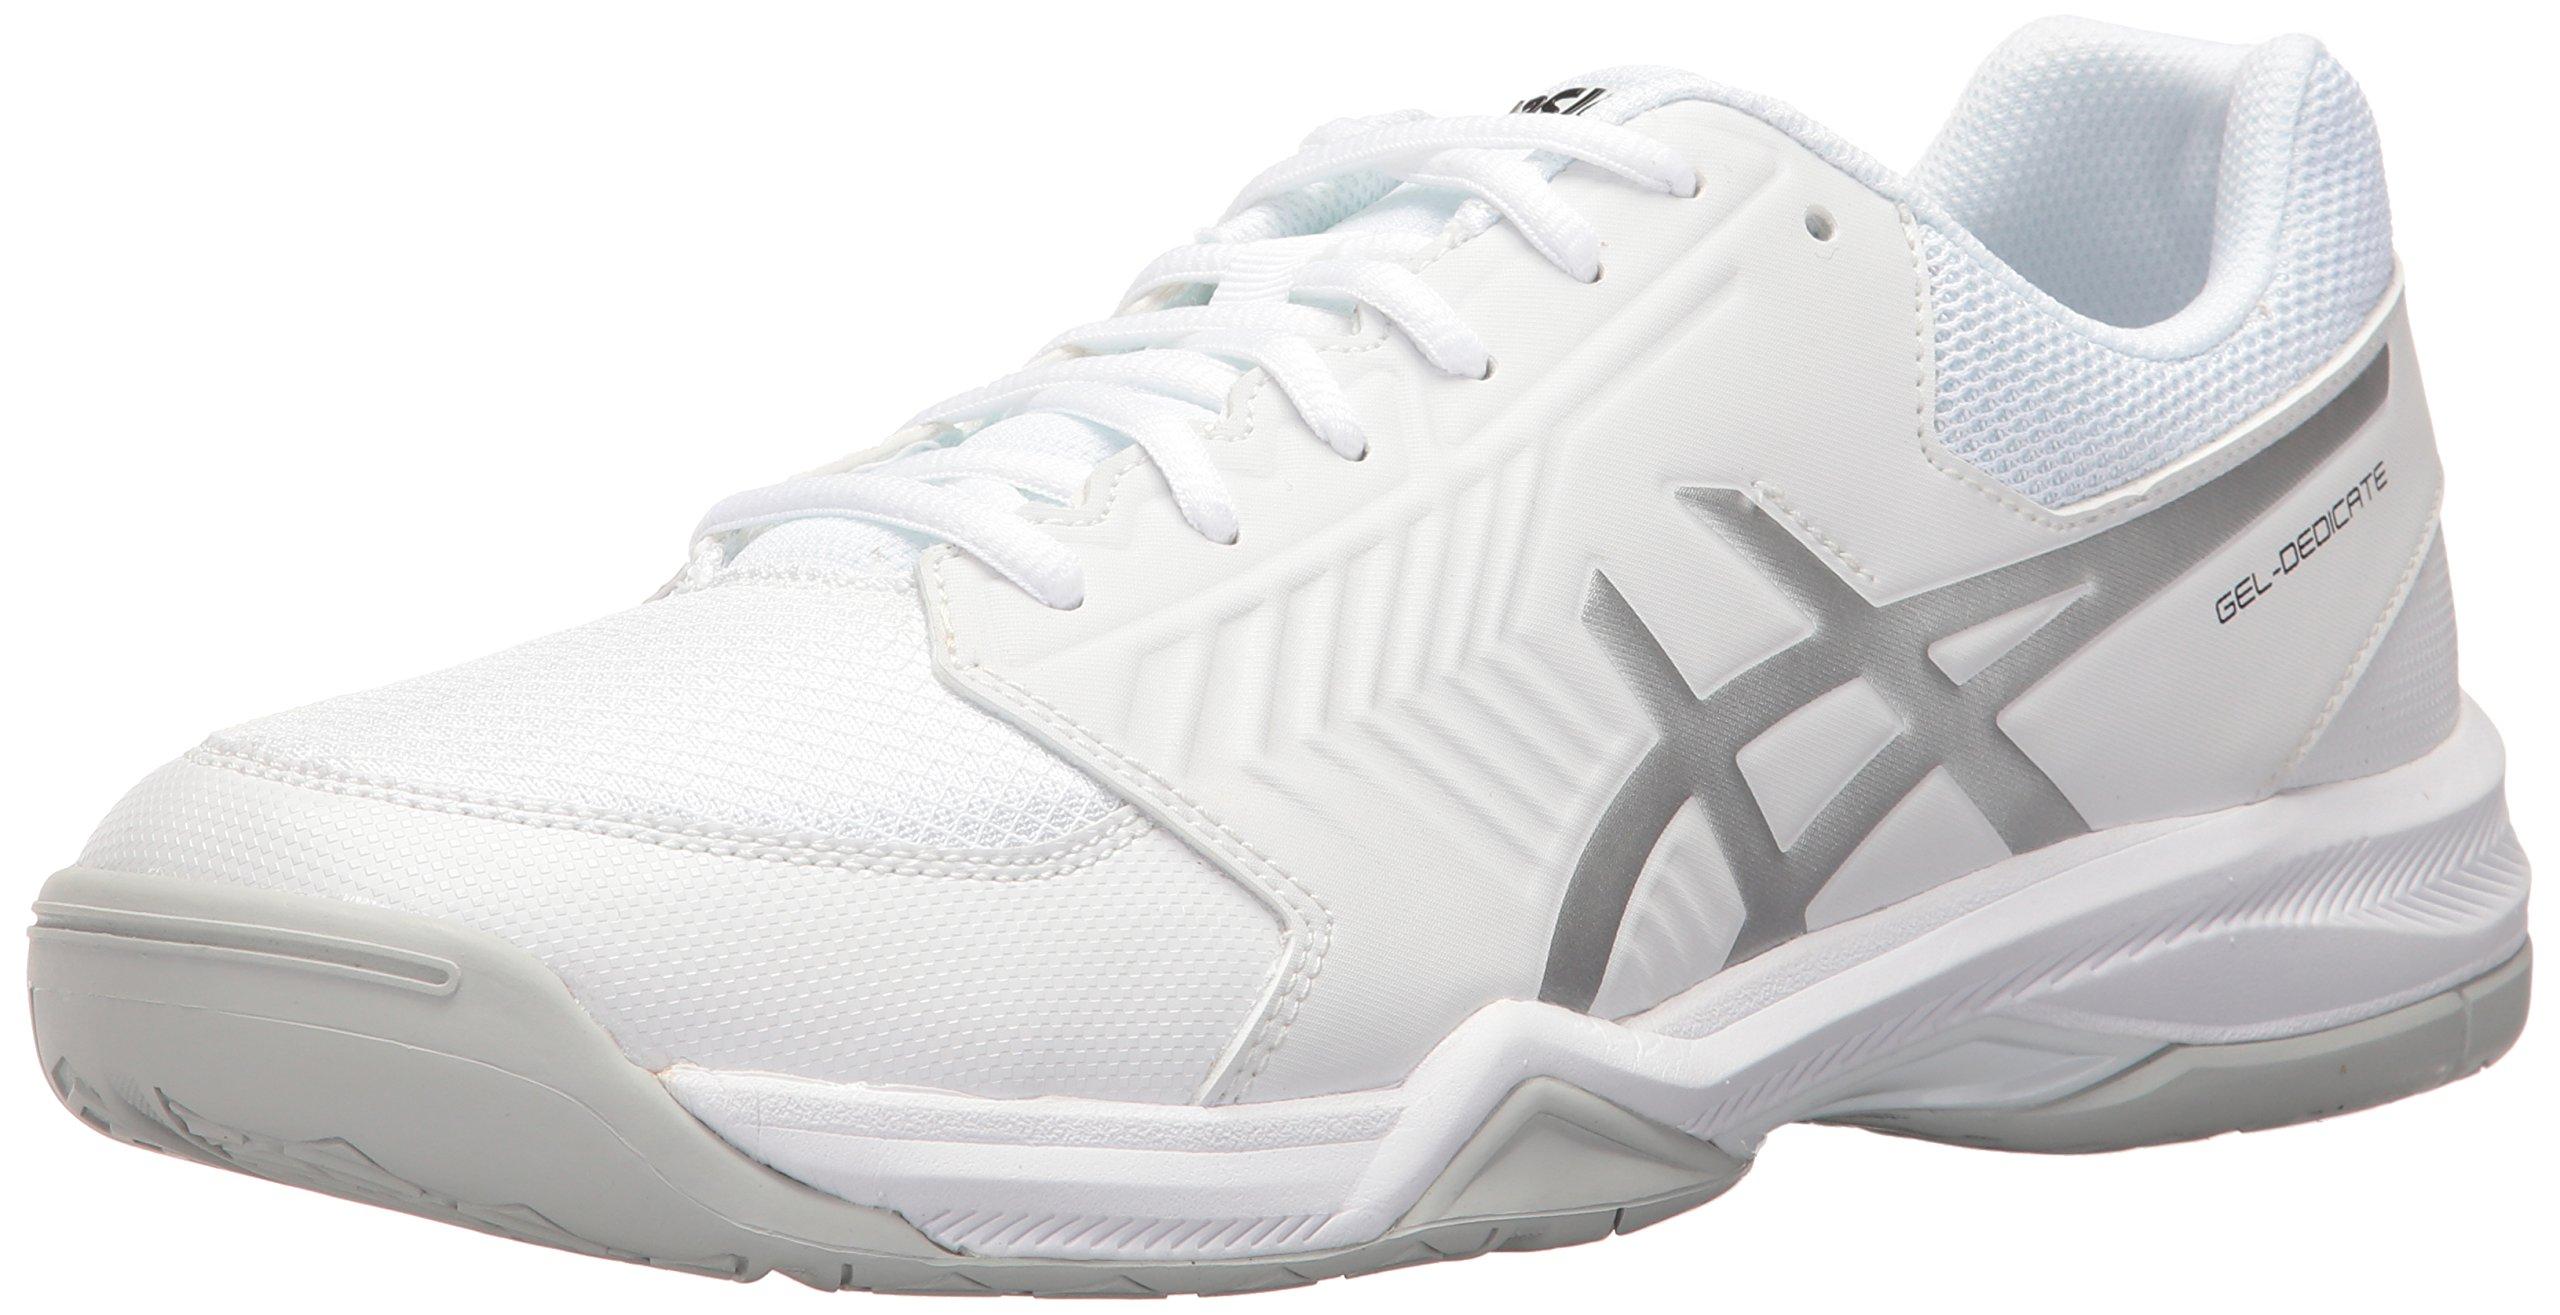 ASICS Men's Gel-Dedicate 5 Tennis Shoe, White/Silver, 8 M US